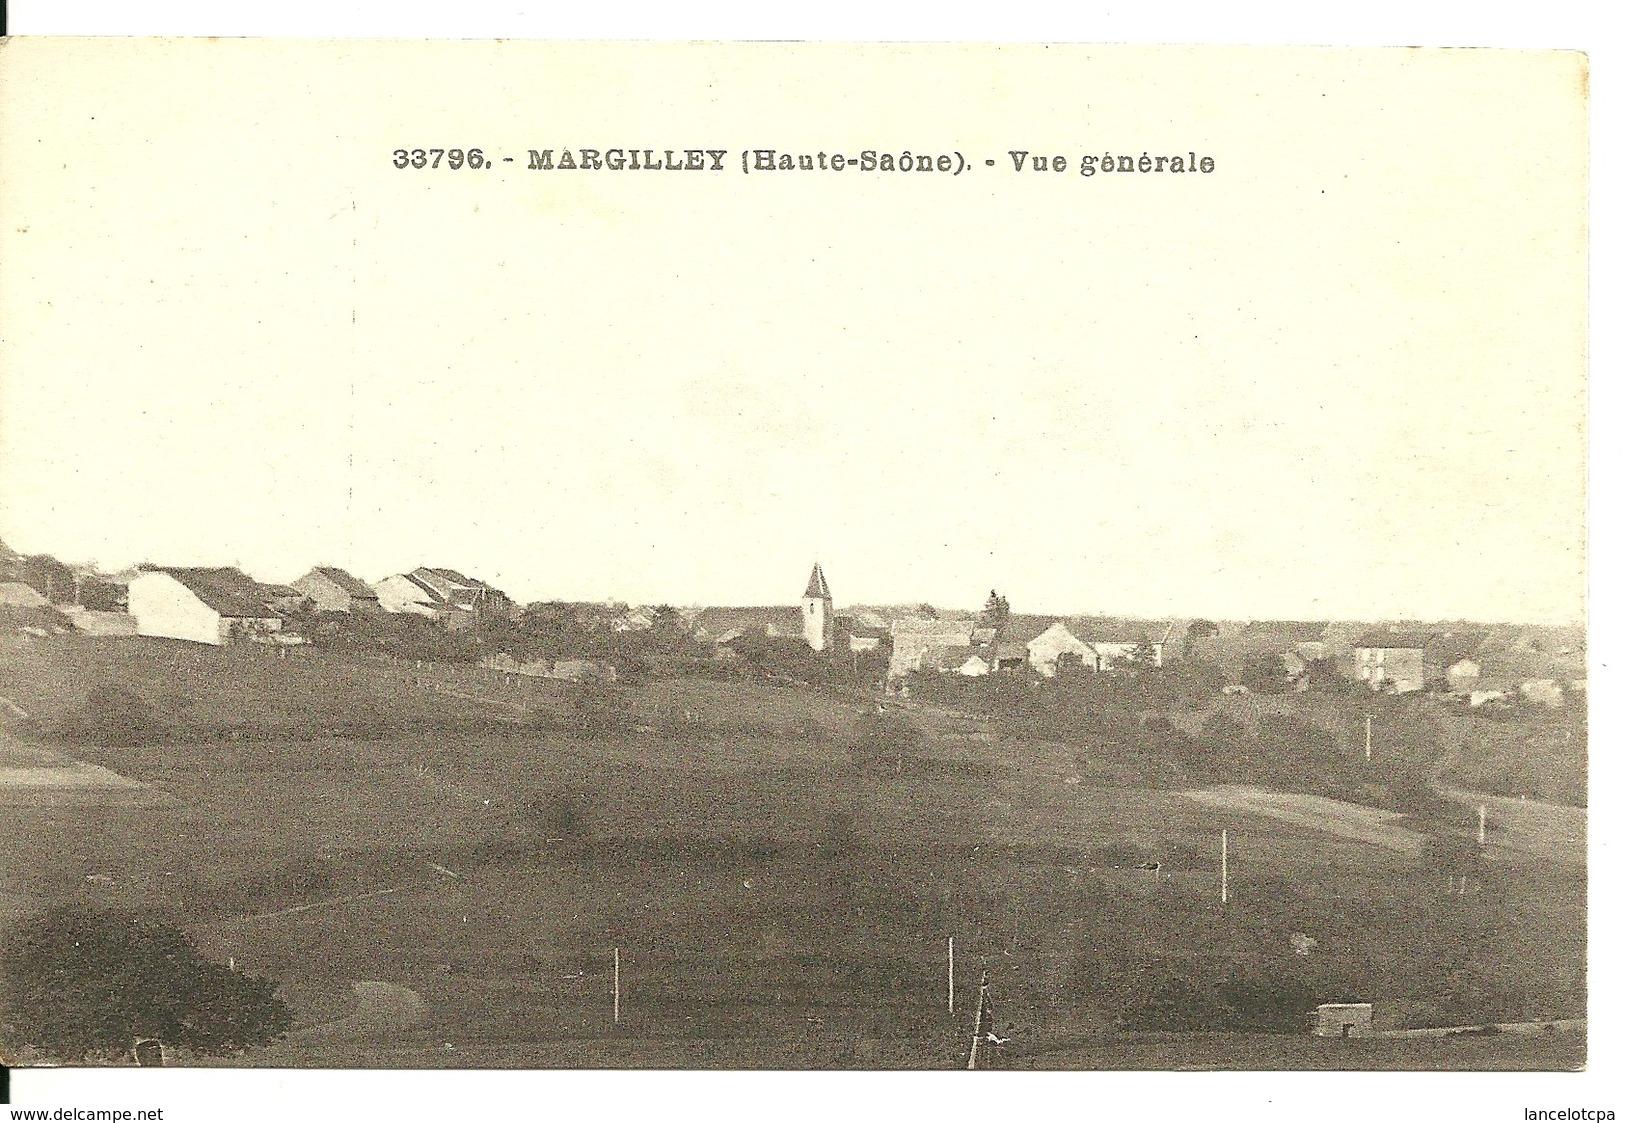 70 - MARGILLEY / VUE GENERALE - Other Municipalities